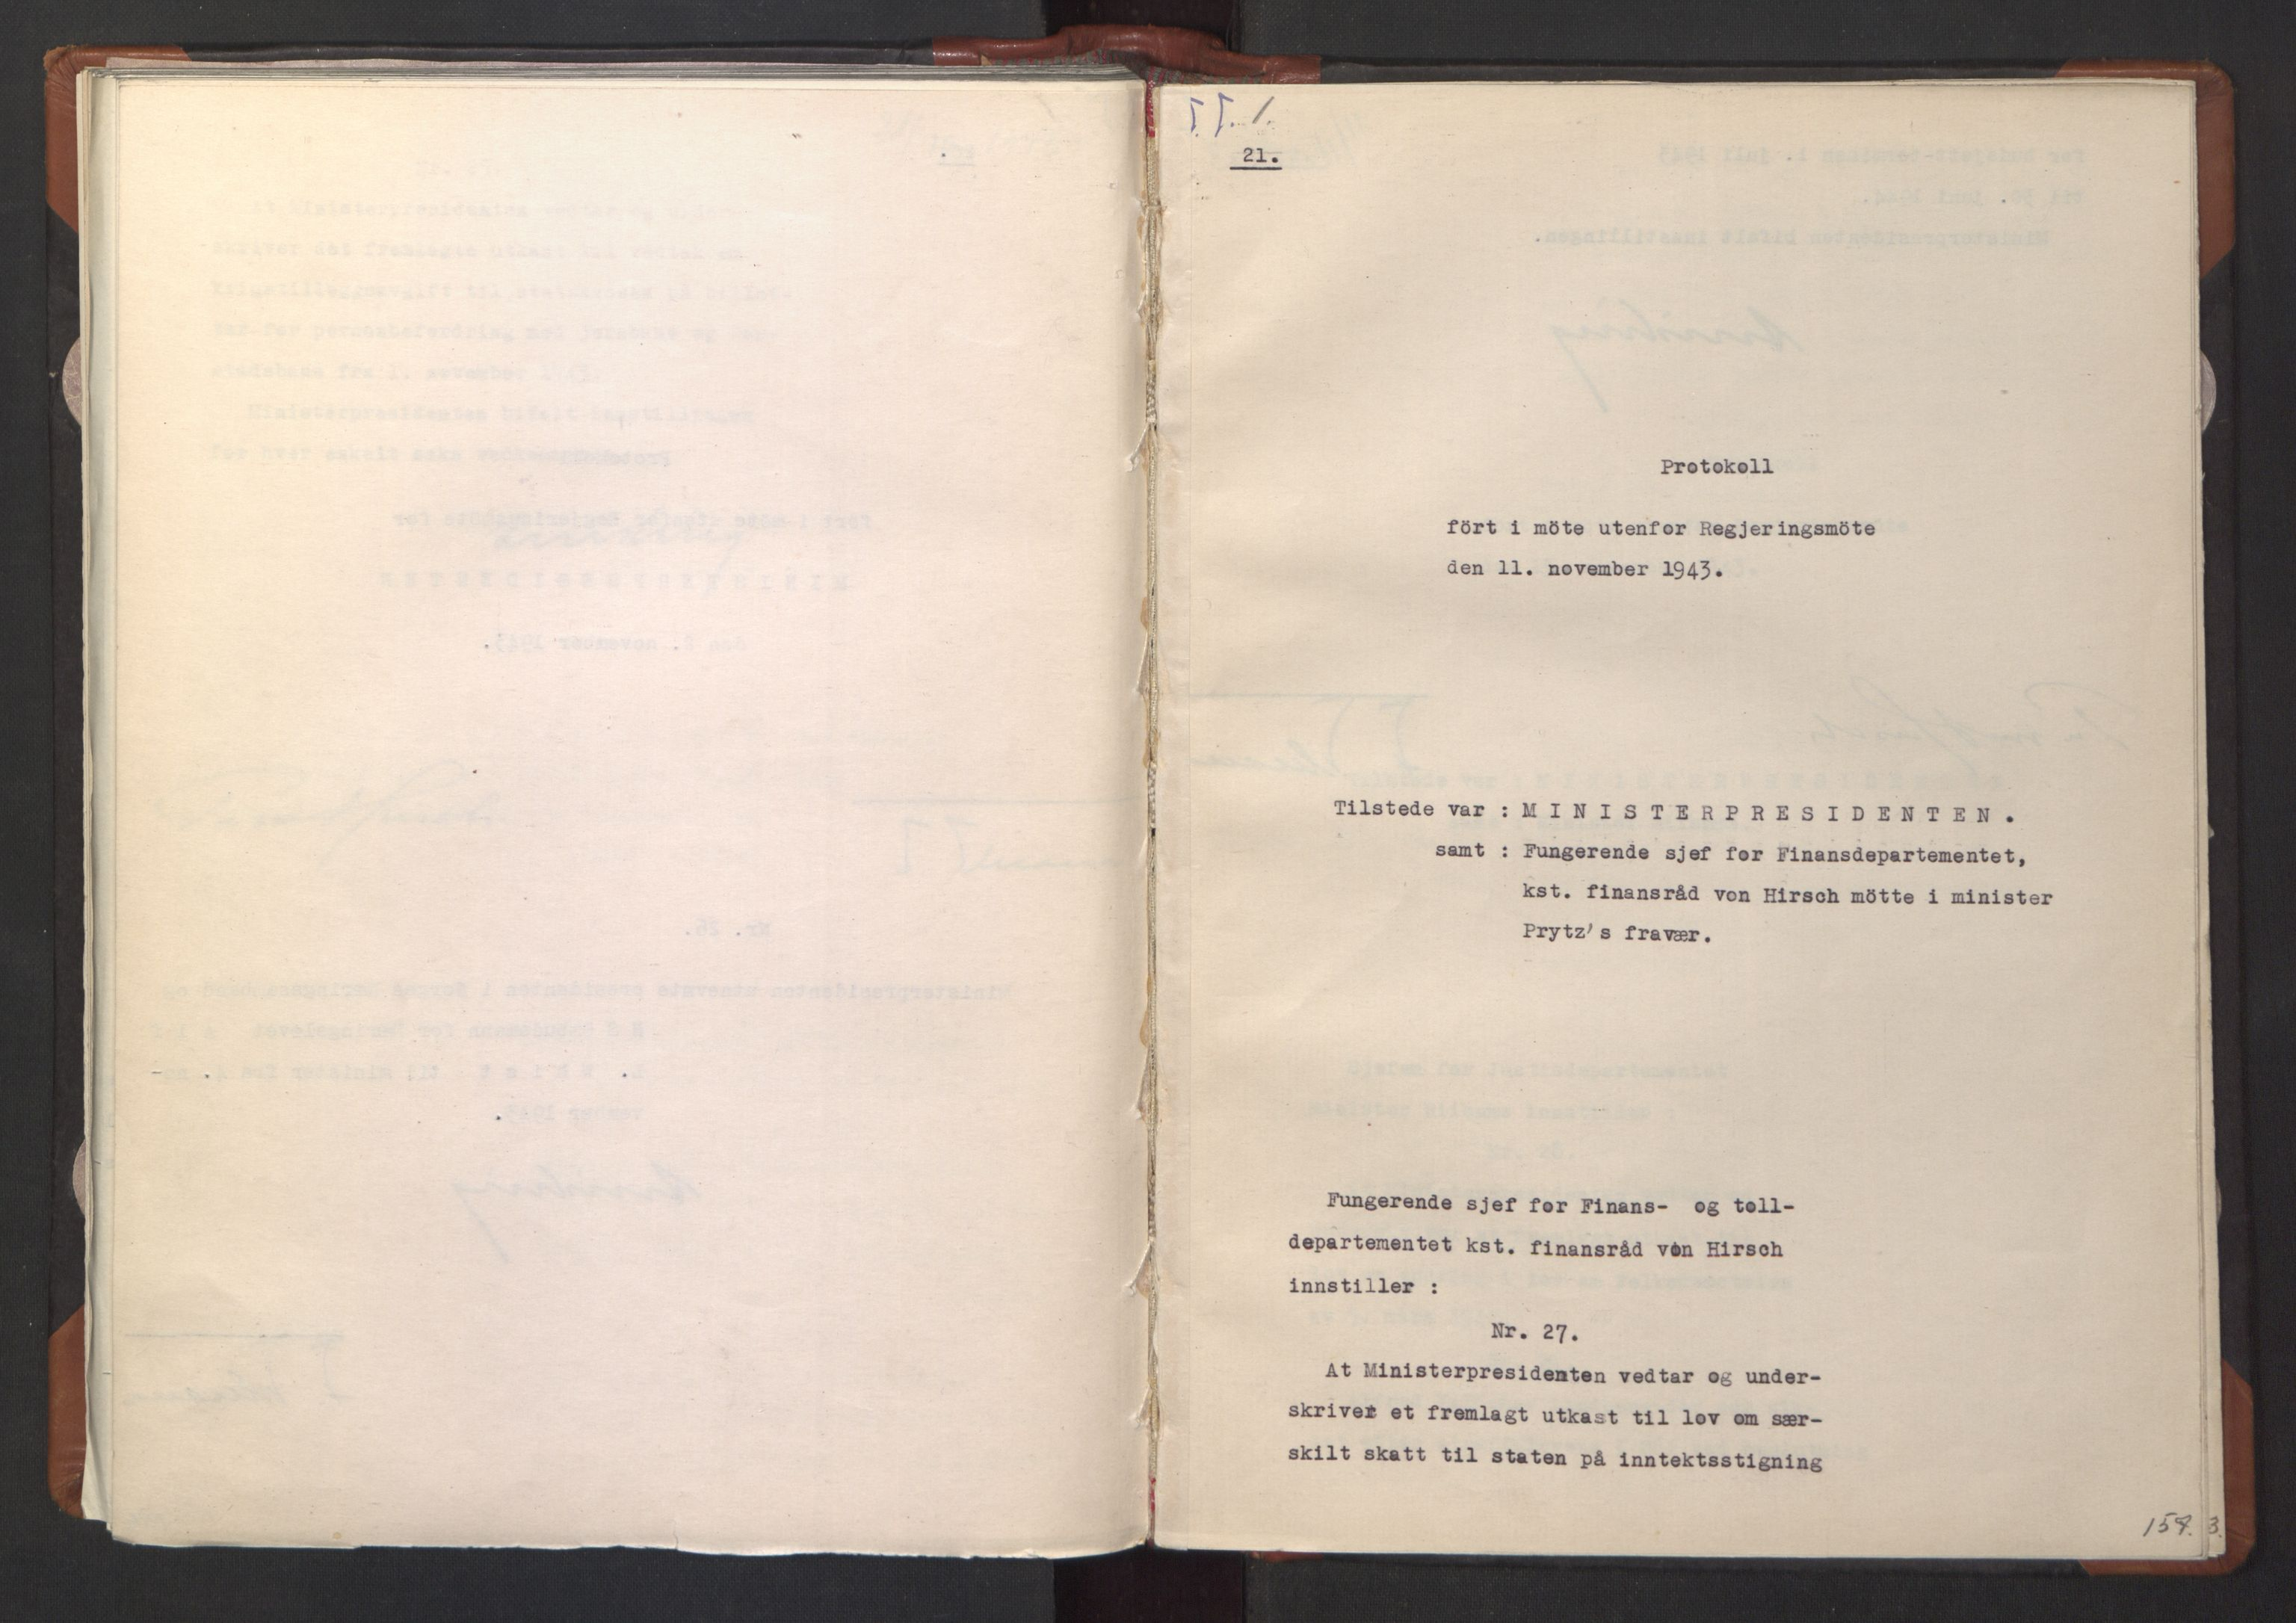 RA, NS-administrasjonen 1940-1945 (Statsrådsekretariatet, de kommisariske statsråder mm), D/Da/L0003: Vedtak (Beslutninger) nr. 1-746 og tillegg nr. 1-47 (RA. j.nr. 1394/1944, tilgangsnr. 8/1944, 1943, s. 156b-157a